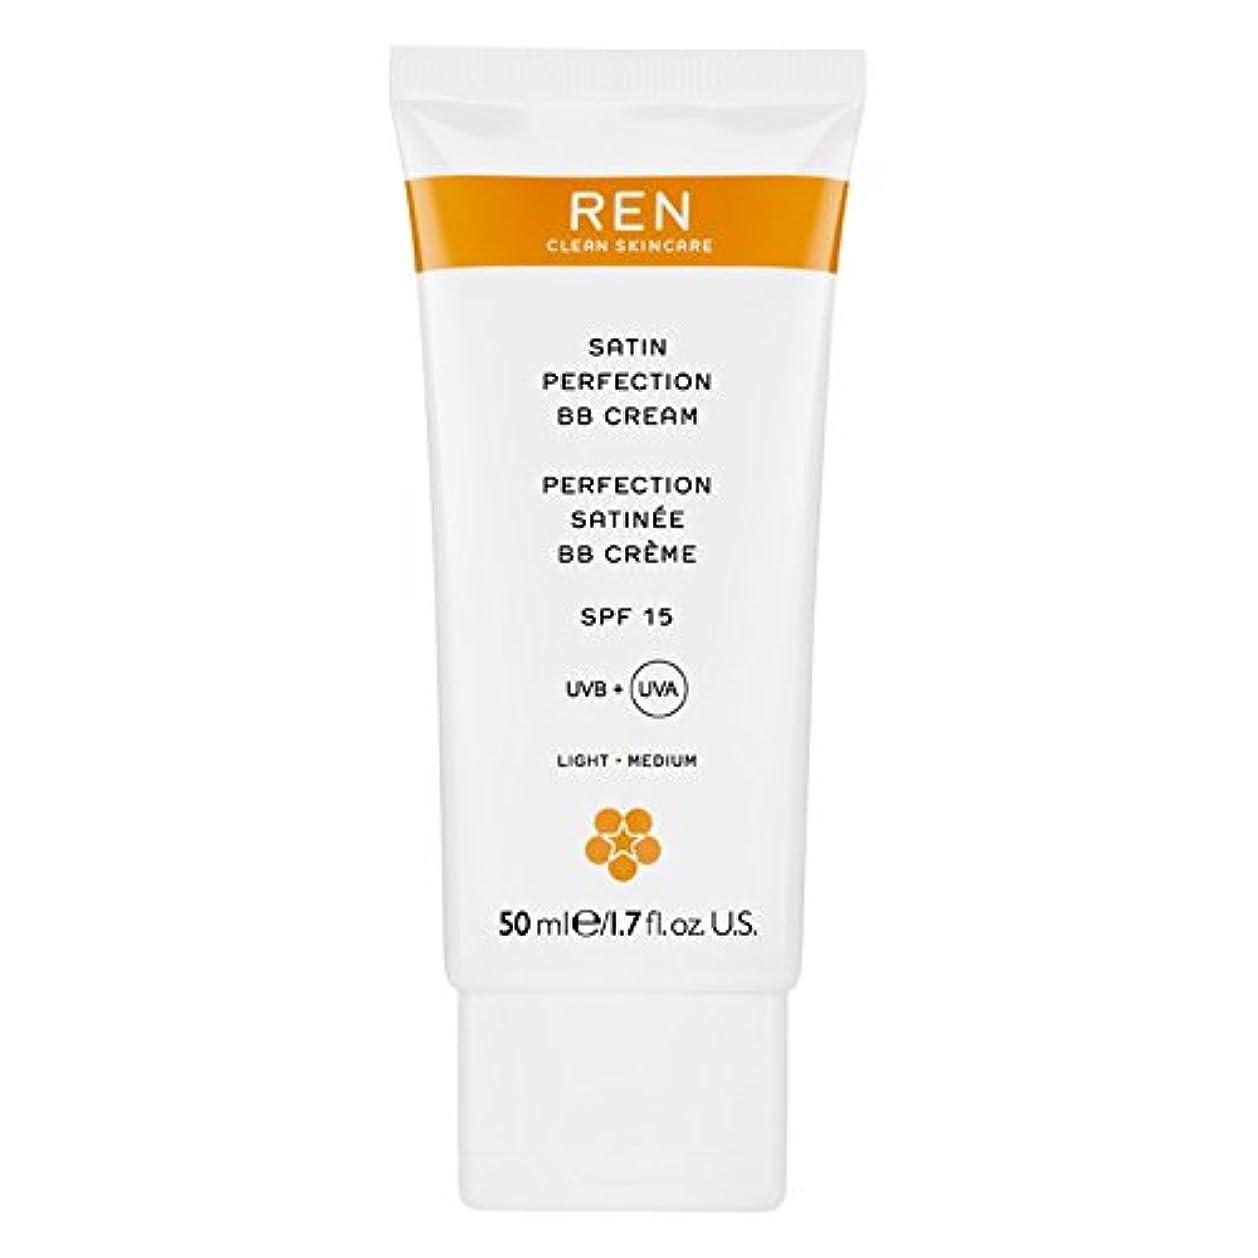 アルバム船員ポーターRenサテン完璧Bbクリーム50ミリリットル (REN) (x2) - REN Satin Perfection BB Cream 50ml (Pack of 2) [並行輸入品]